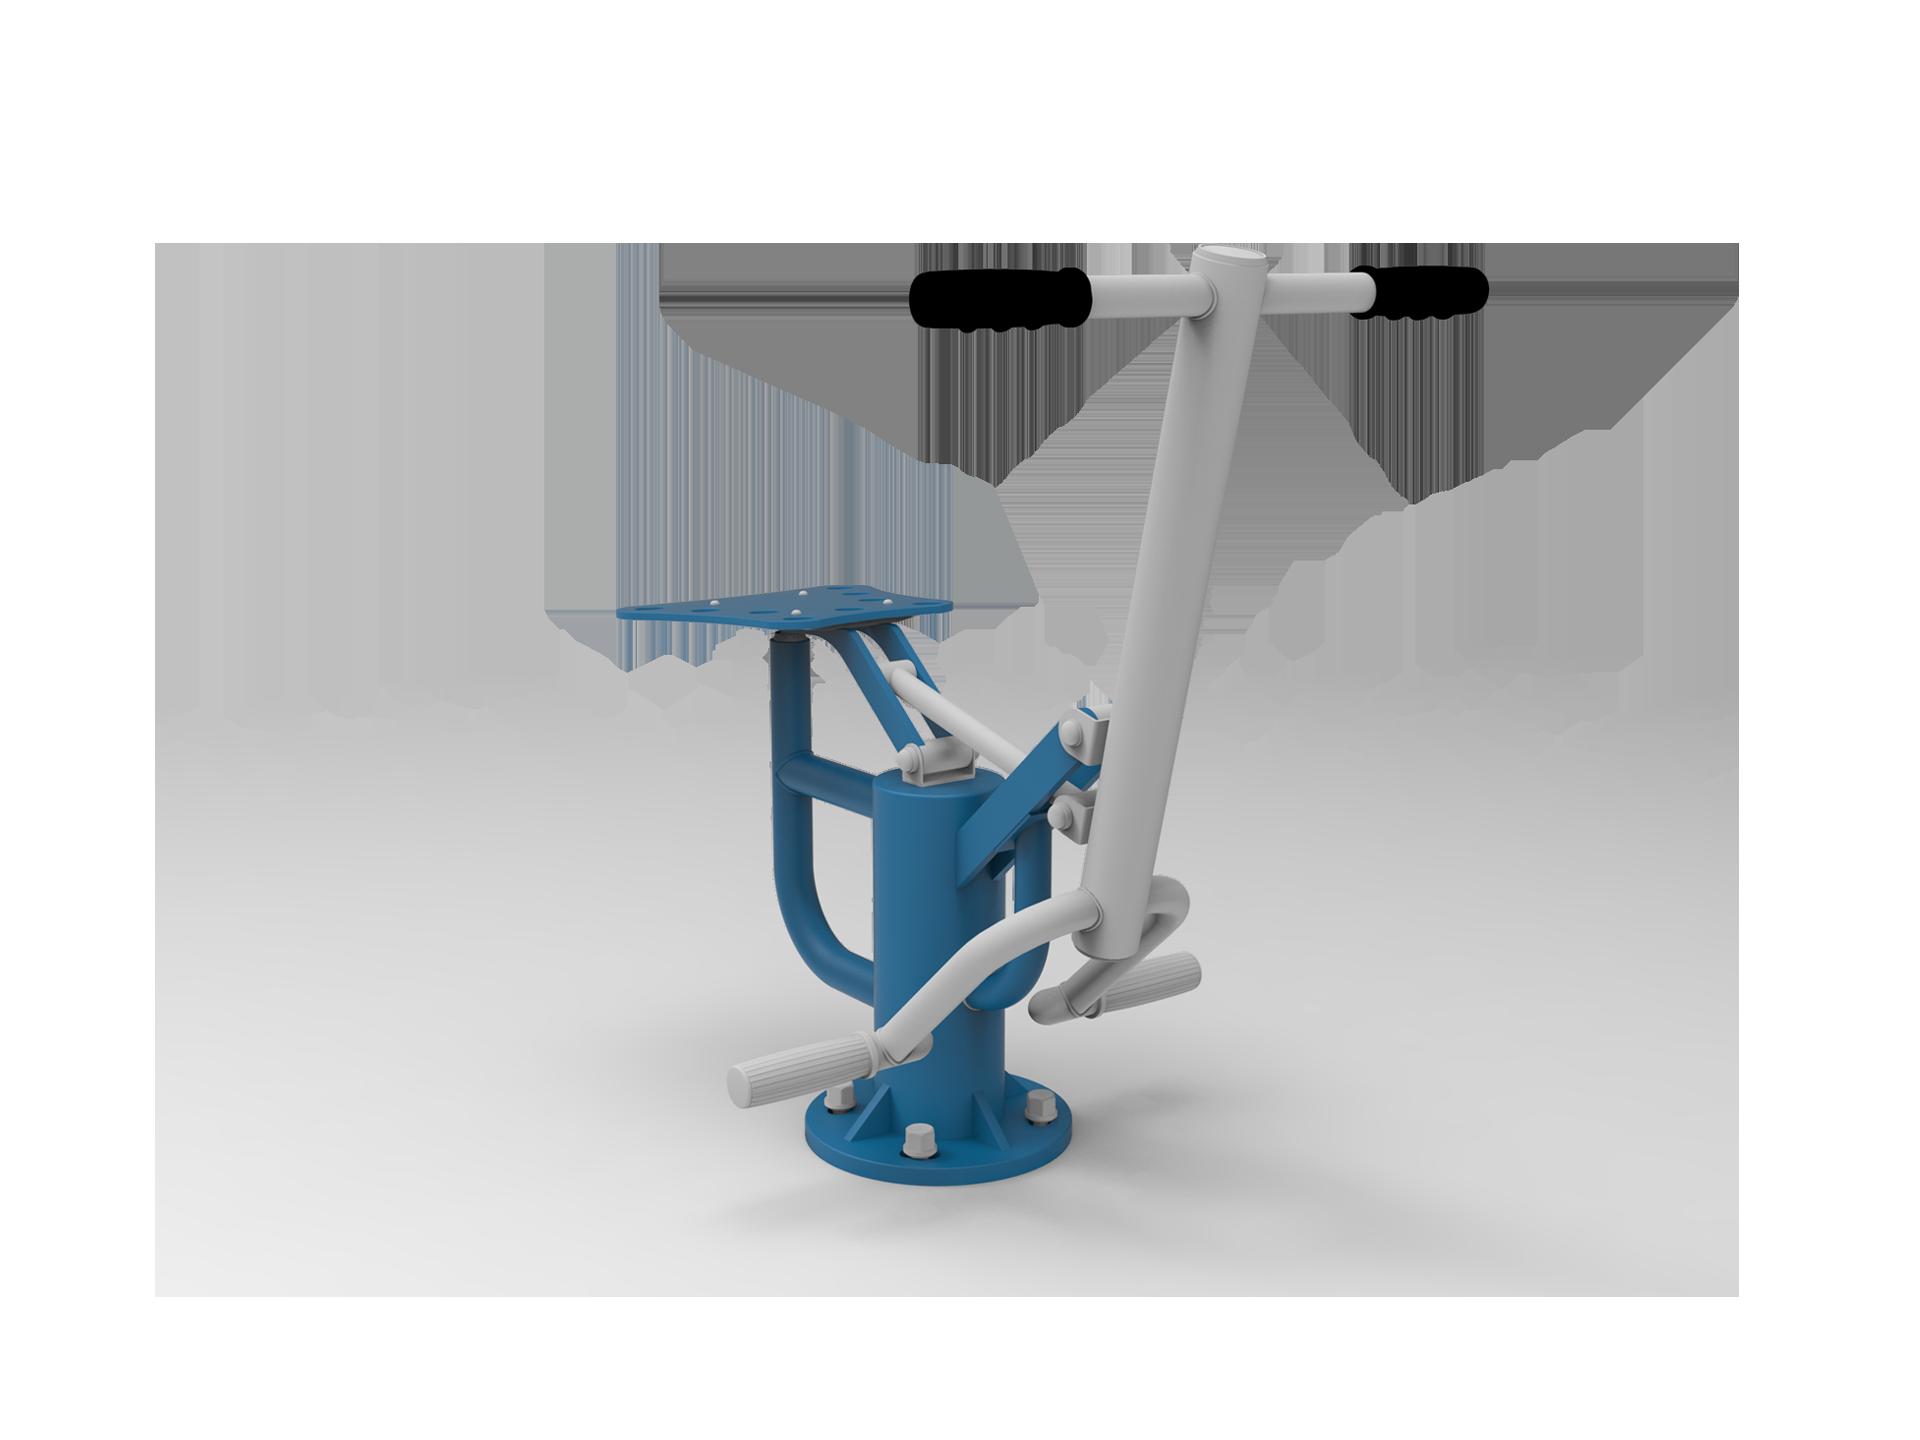 3D de l'Agrès Guidé nommé Cavalier